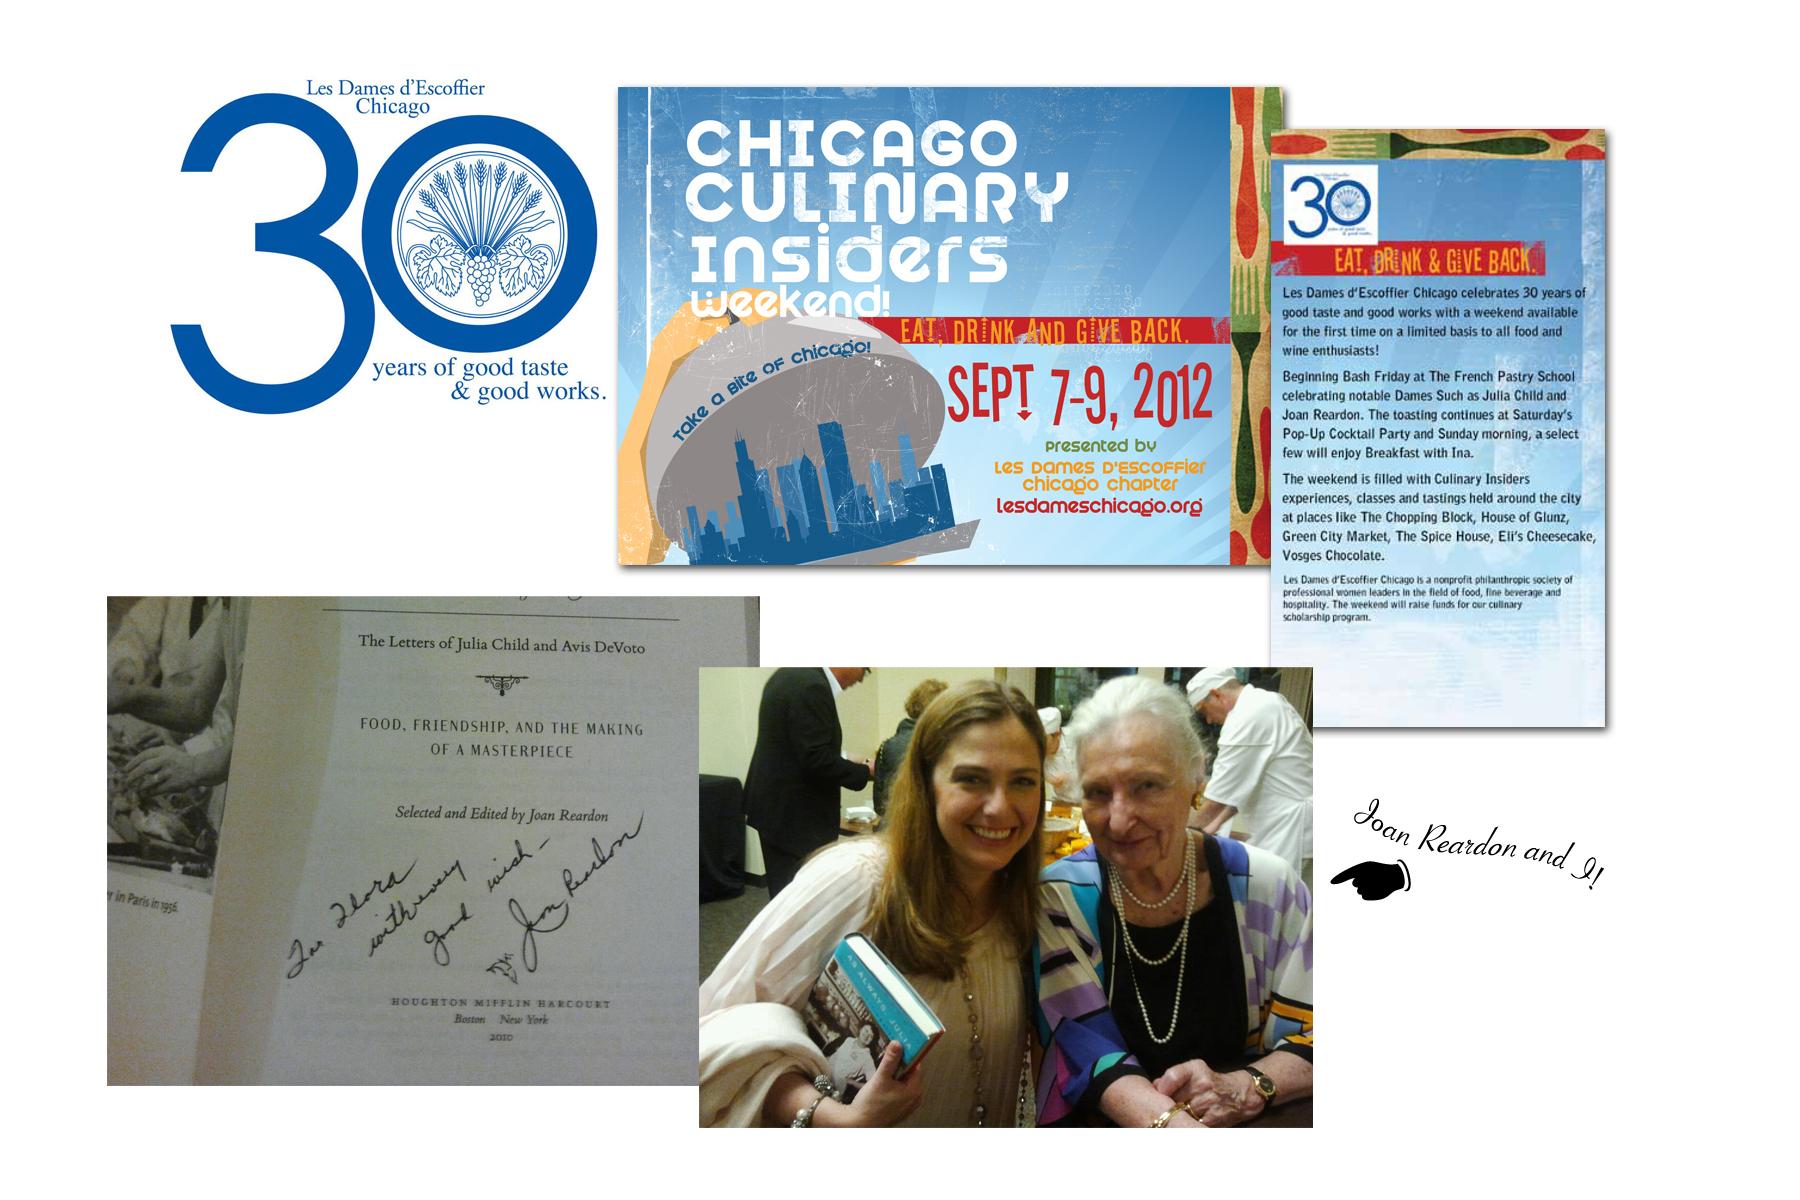 Les Dames D'Escoffier Chicago